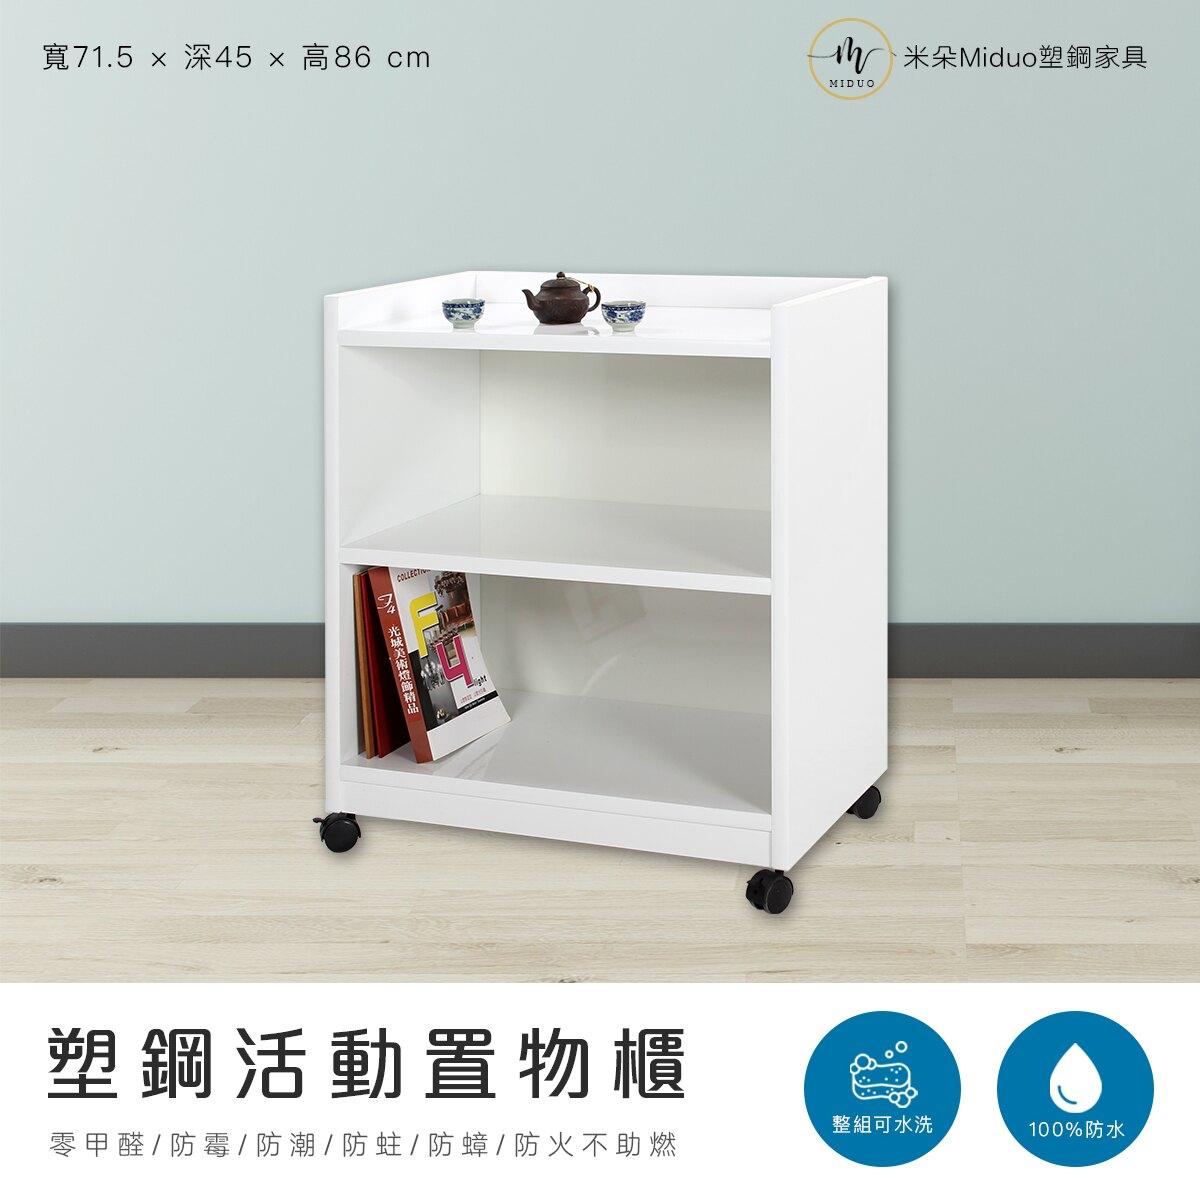 塑鋼活動櫃 置物收納櫃(寬71.5*深45*高86公分)【米朵Miduo】